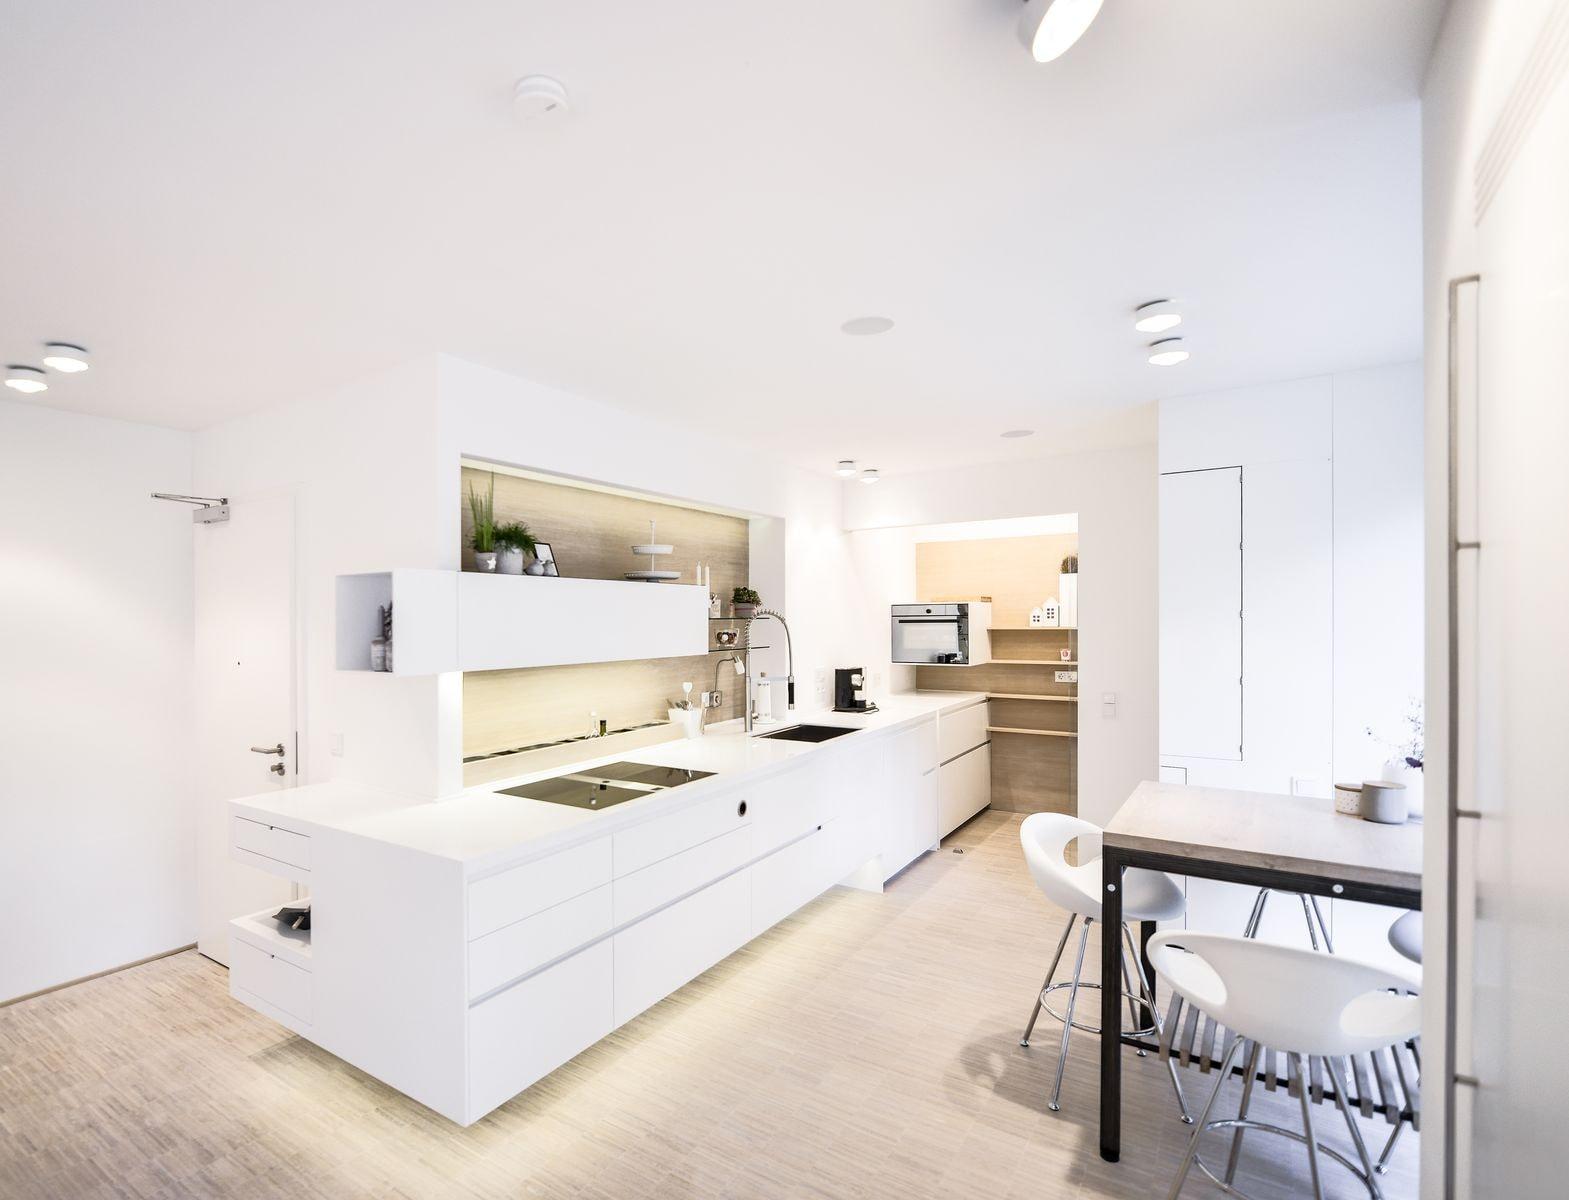 plan 3 Küchen 2019 | Test, Preise, Qualität, Musterküchen